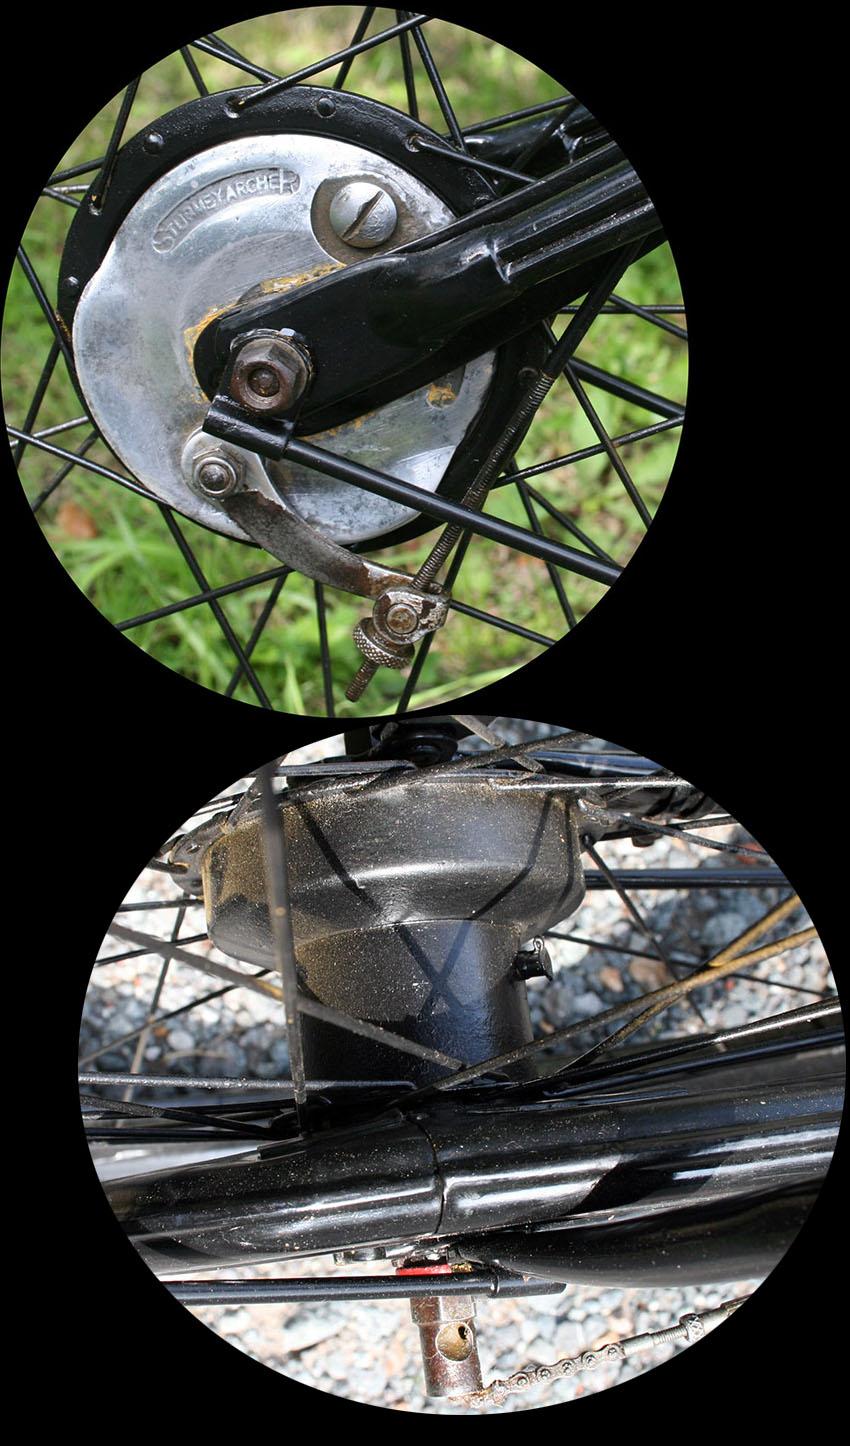 sturmey archer hub gears 1932